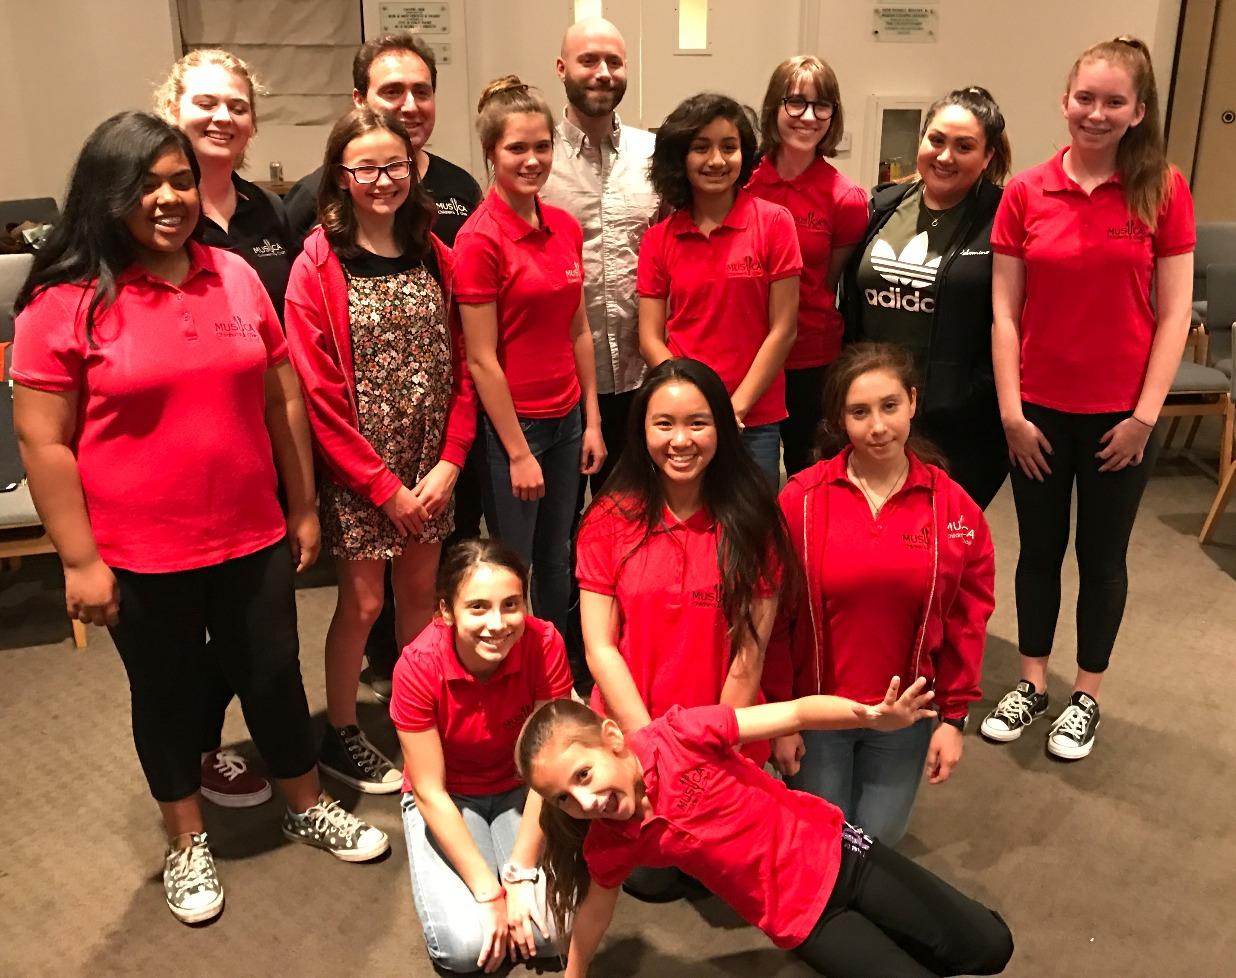 MUSYCA Kids' Choir and Dan Rome